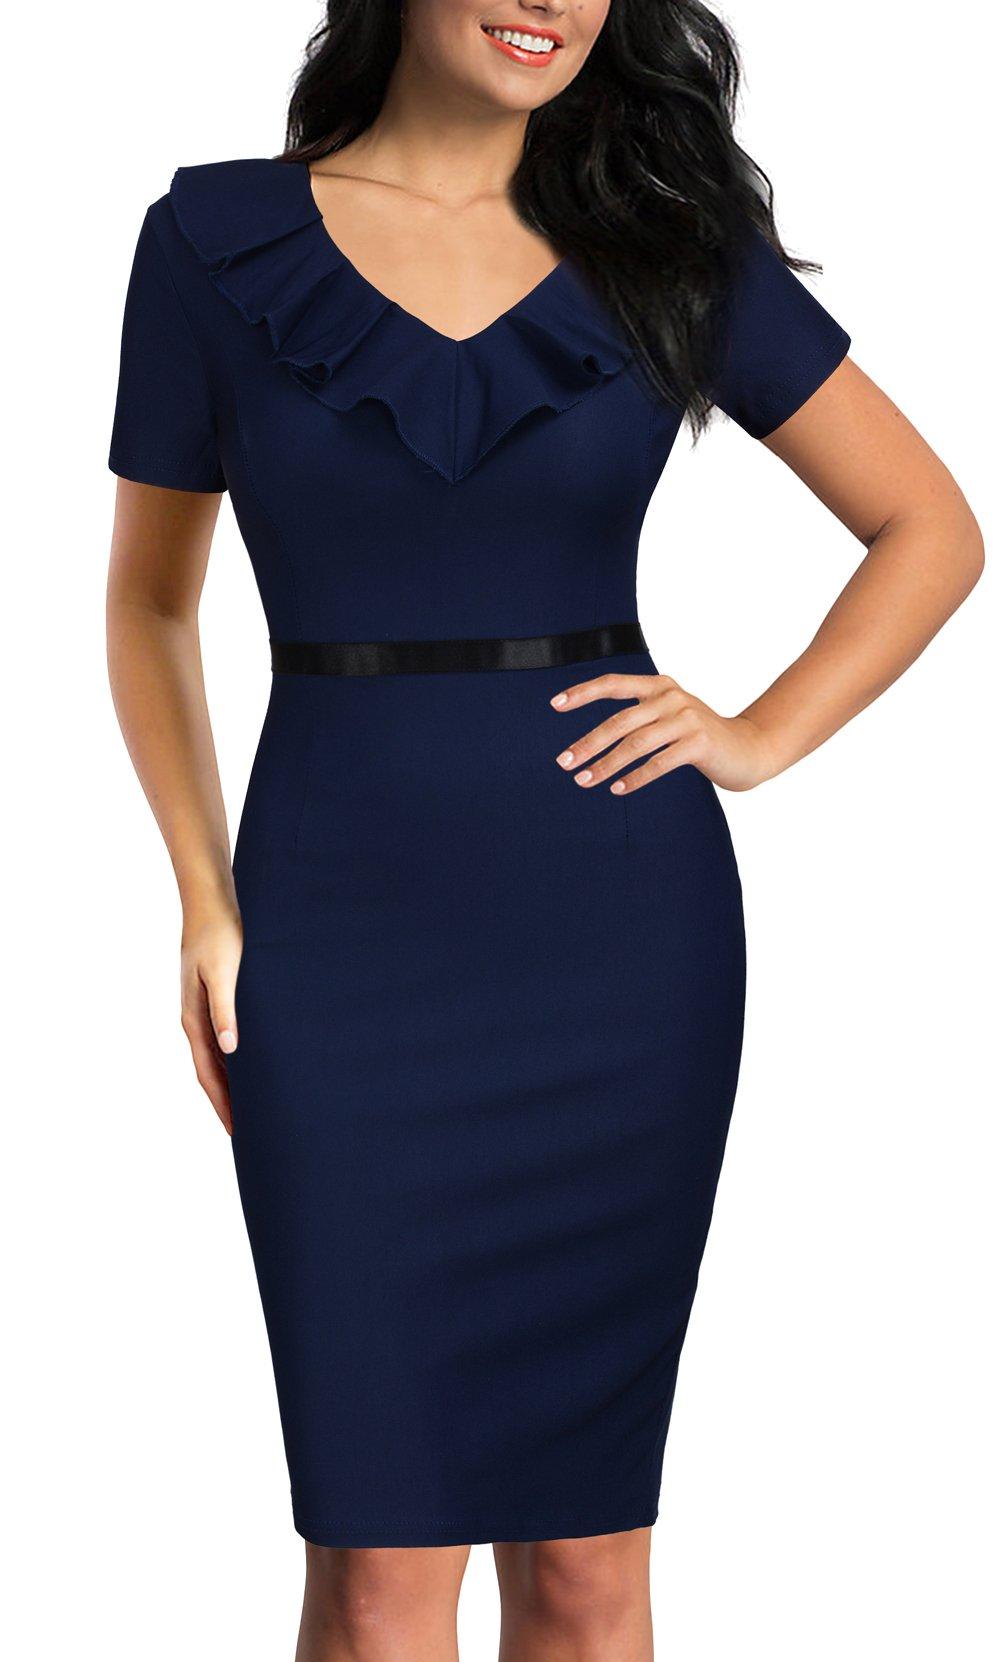 REPHYLLIS Women's Ruffles Short Sleeve Business Cocktail Pencil Dress XL Darkblue